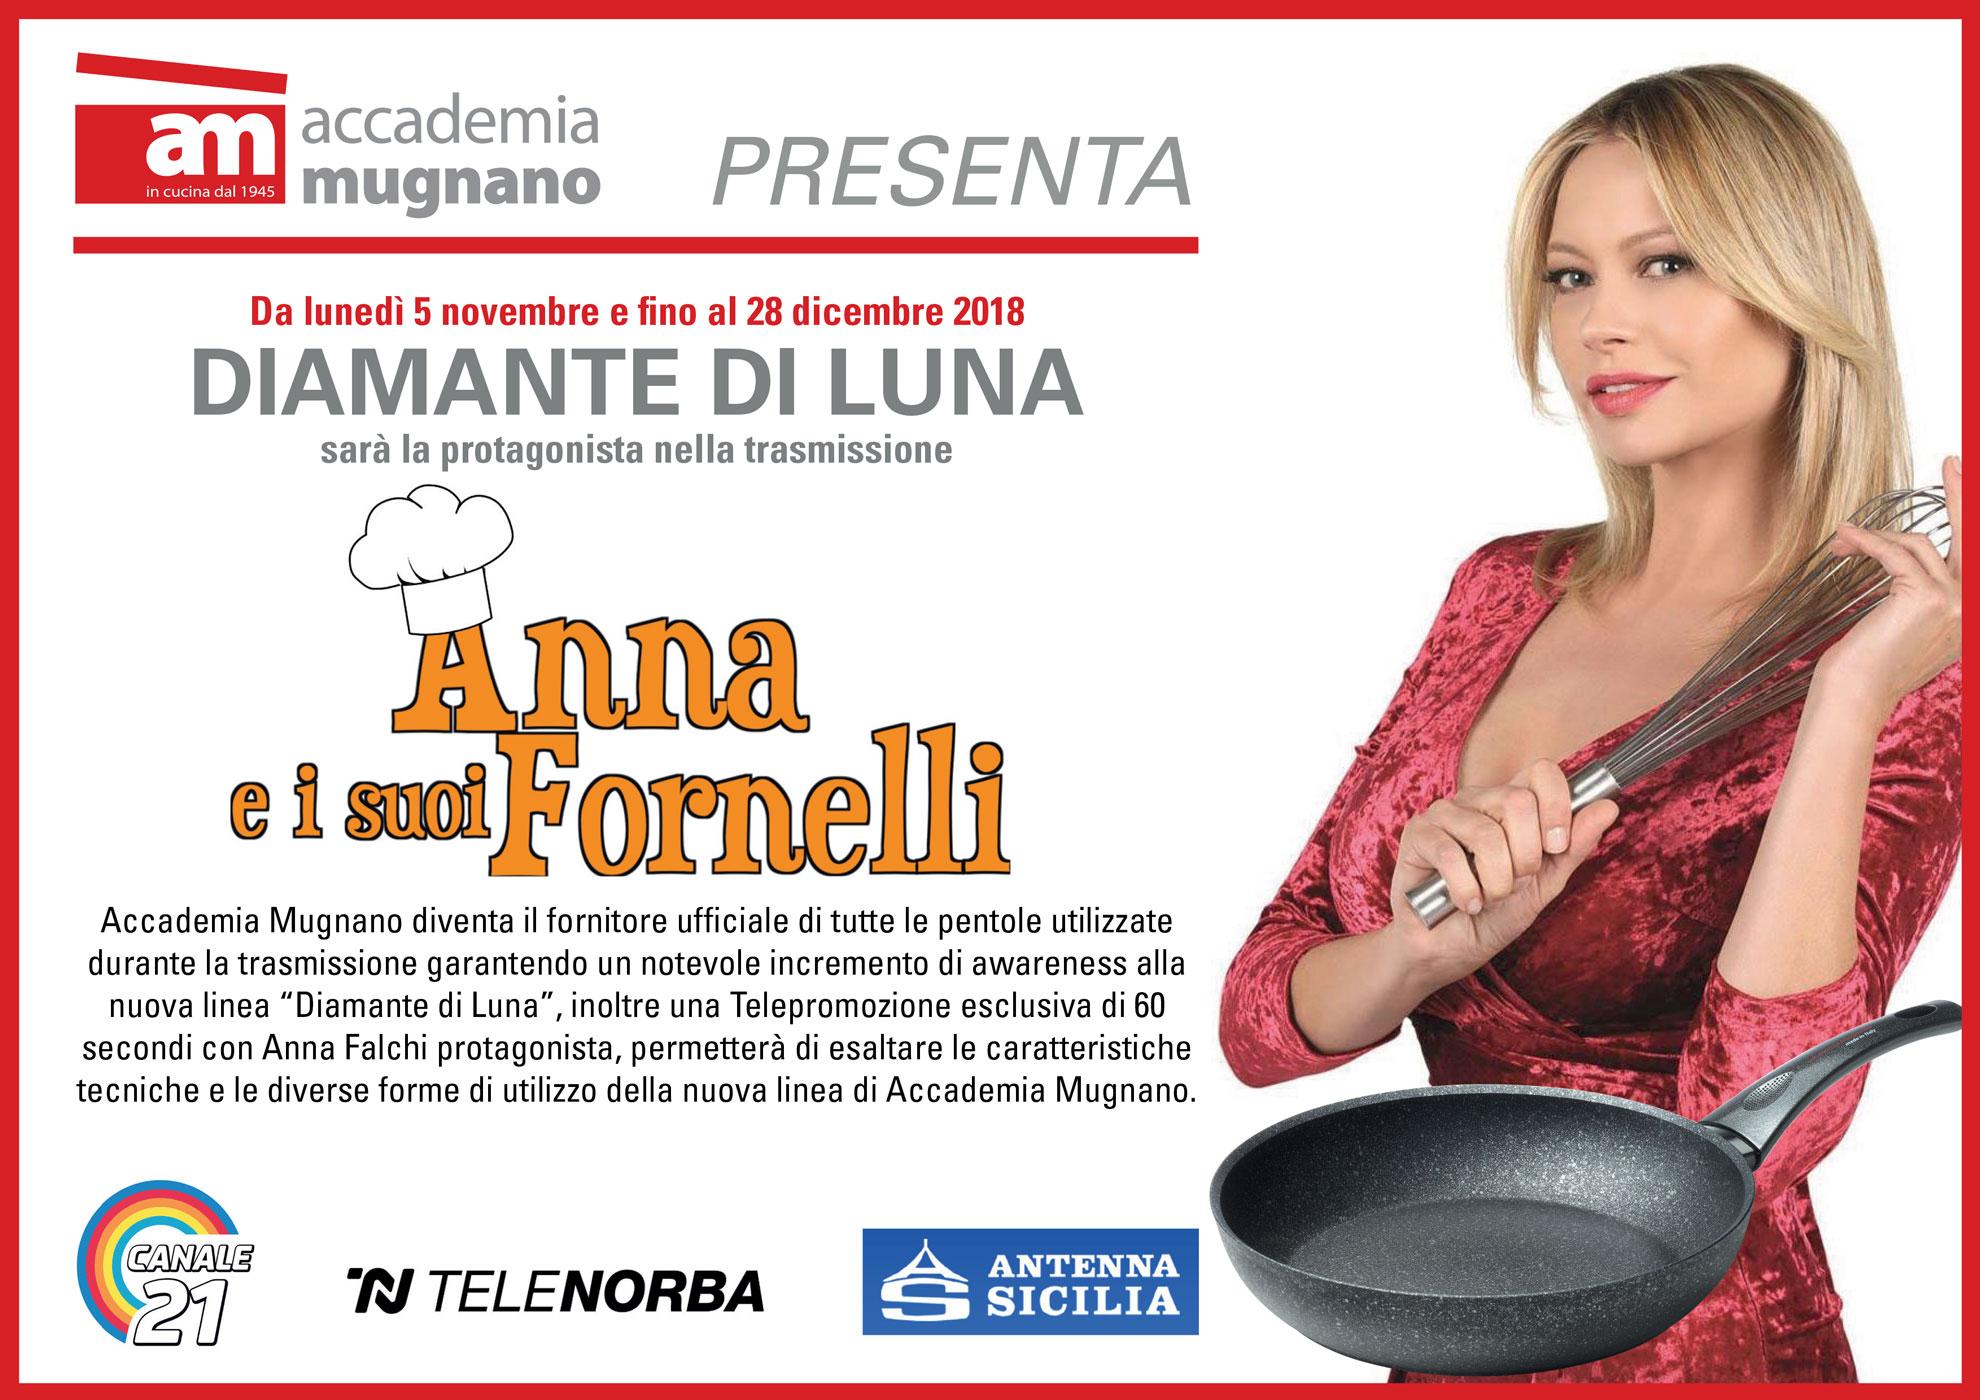 Locandina-Promozione-con-Anna-Falchi--1--05-11-2018